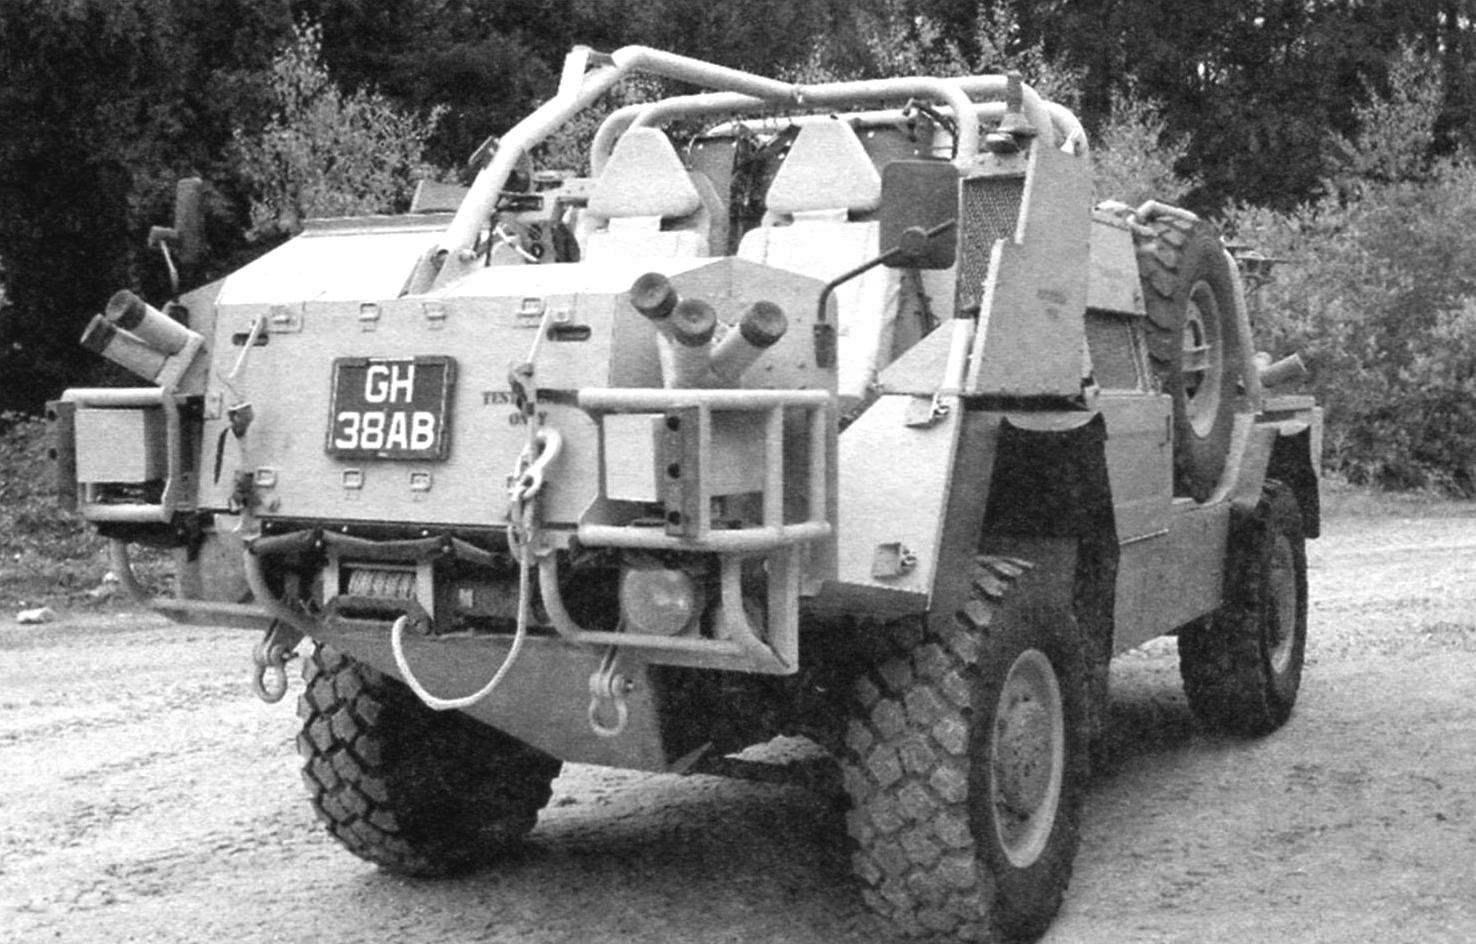 Корма бронеавтомобиля с установленной дополнительной броневой зашитой и бронекреслами